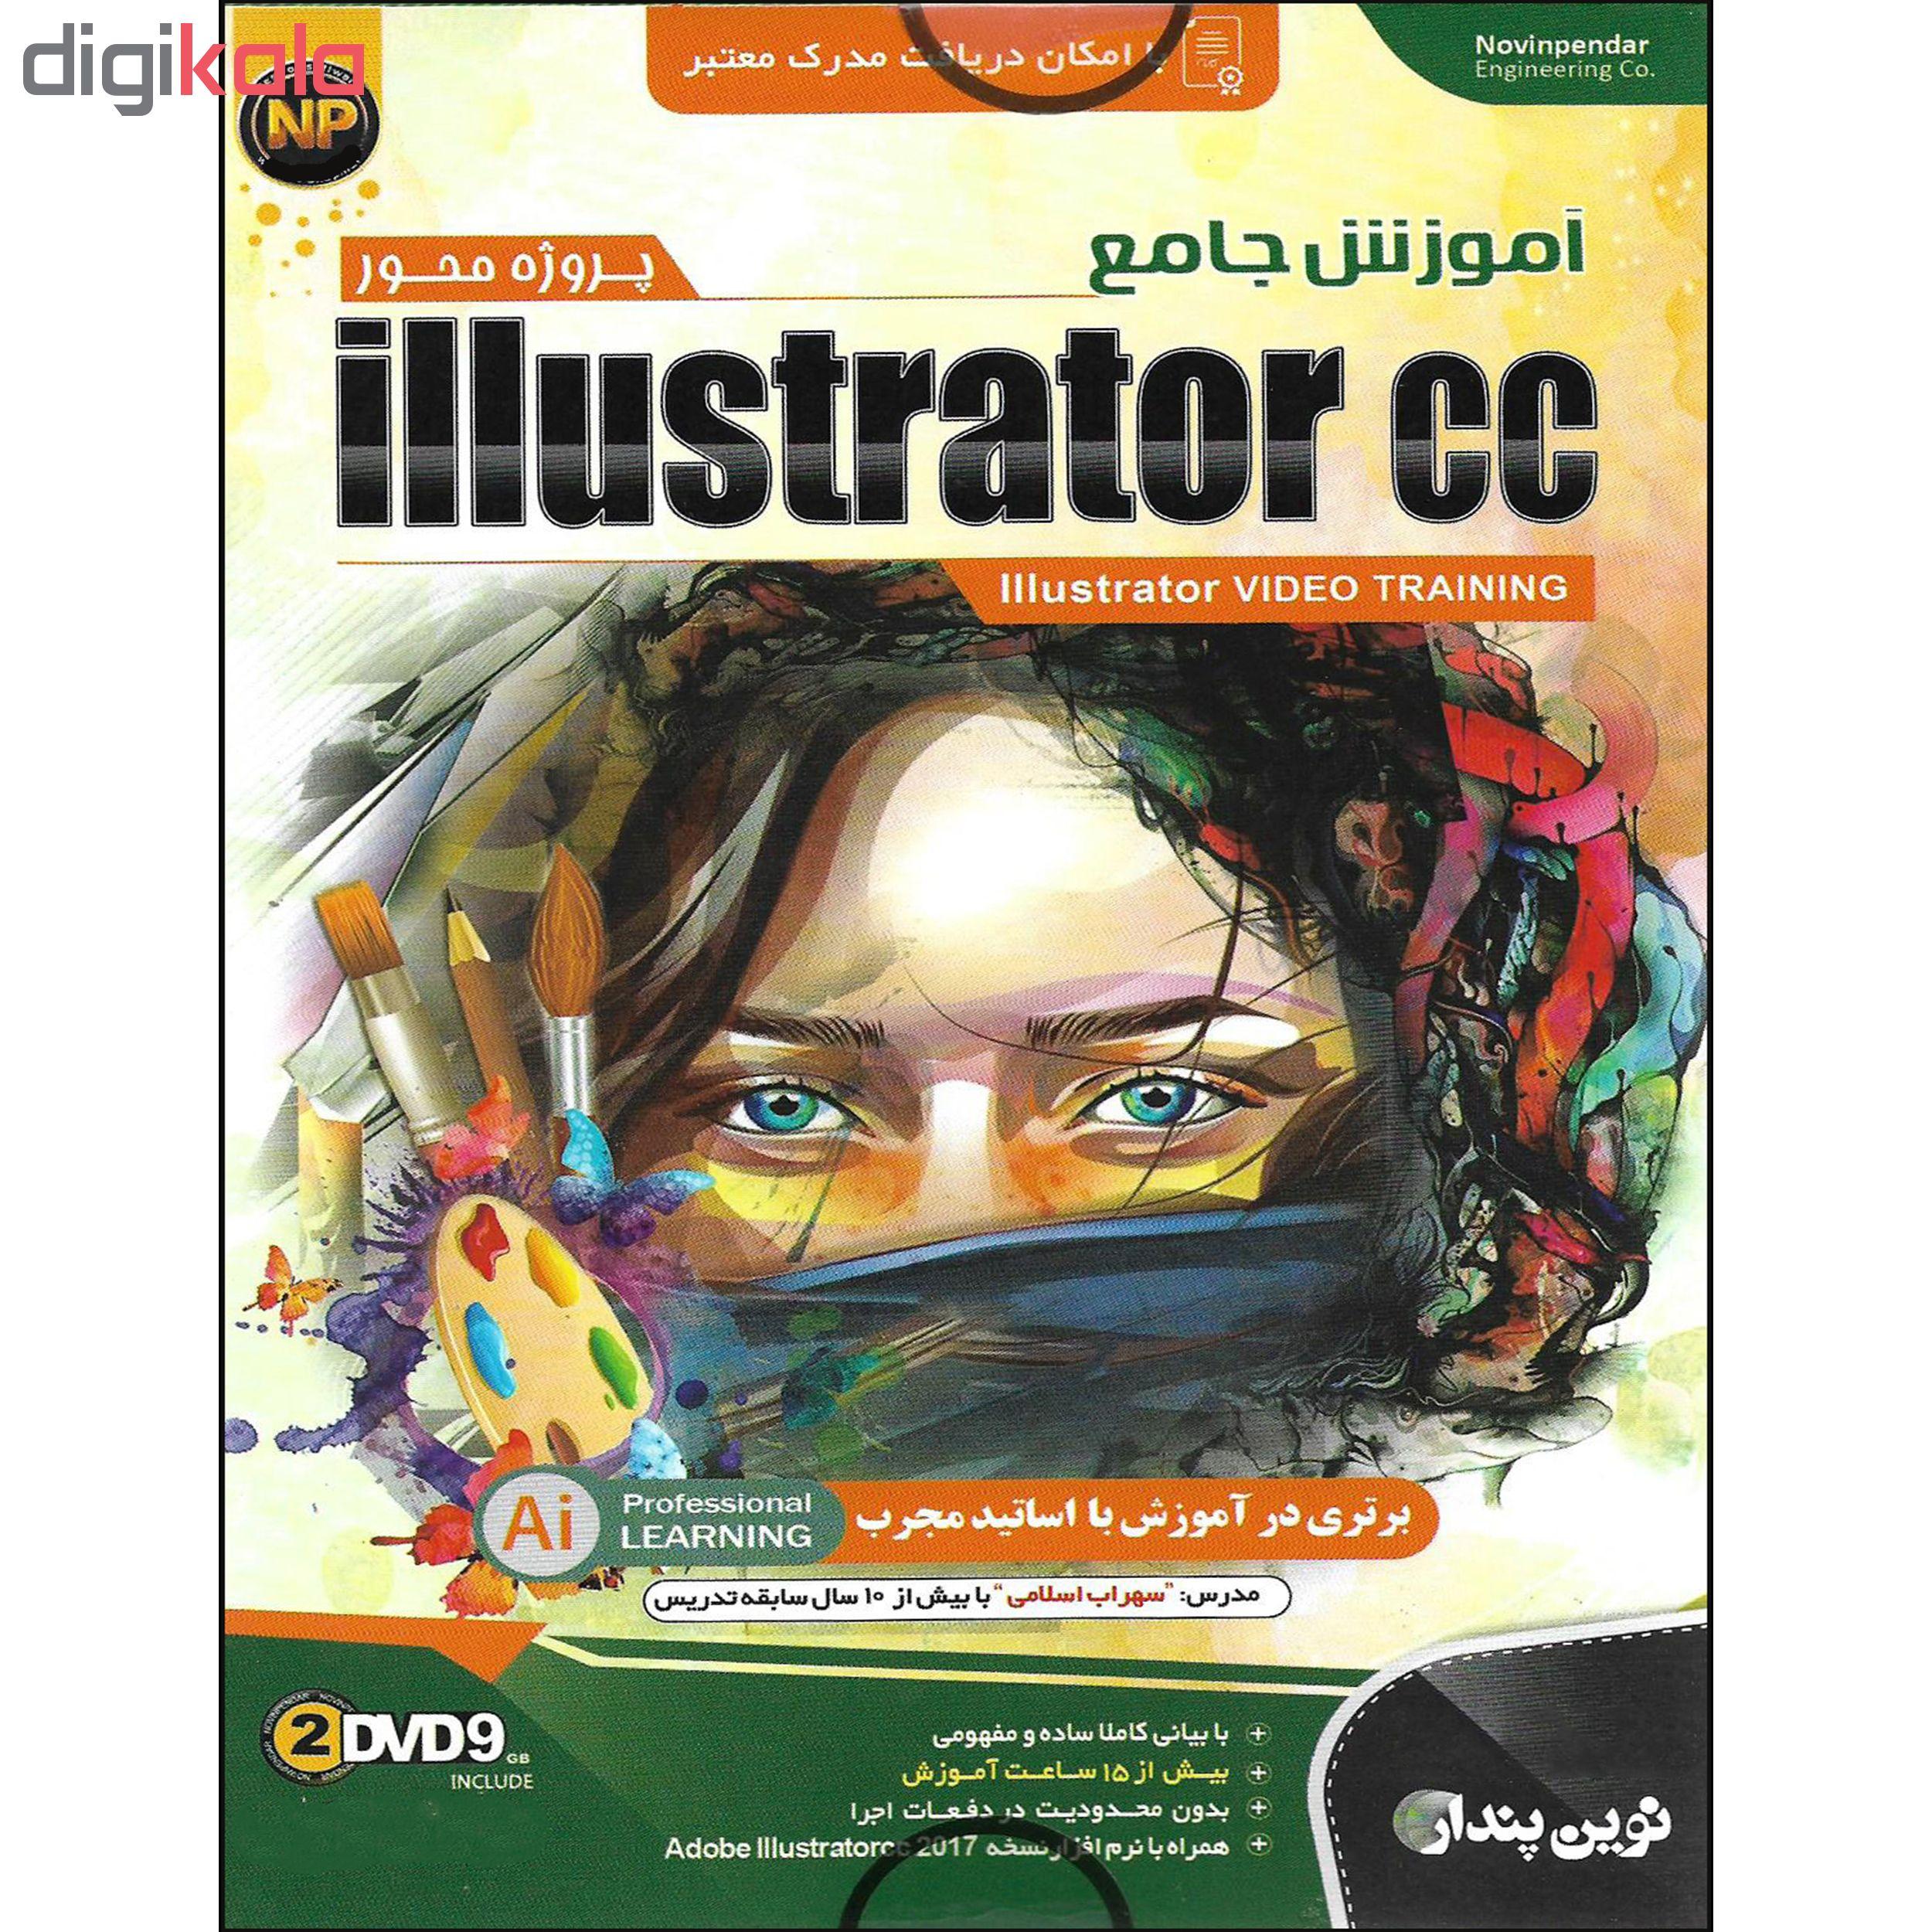 نرم افزار آموزش پروژه محور Illustrator cc نشر نوین پندار به همراه نرم افزار آموزش CORELDRAW X8 نشر پدیده